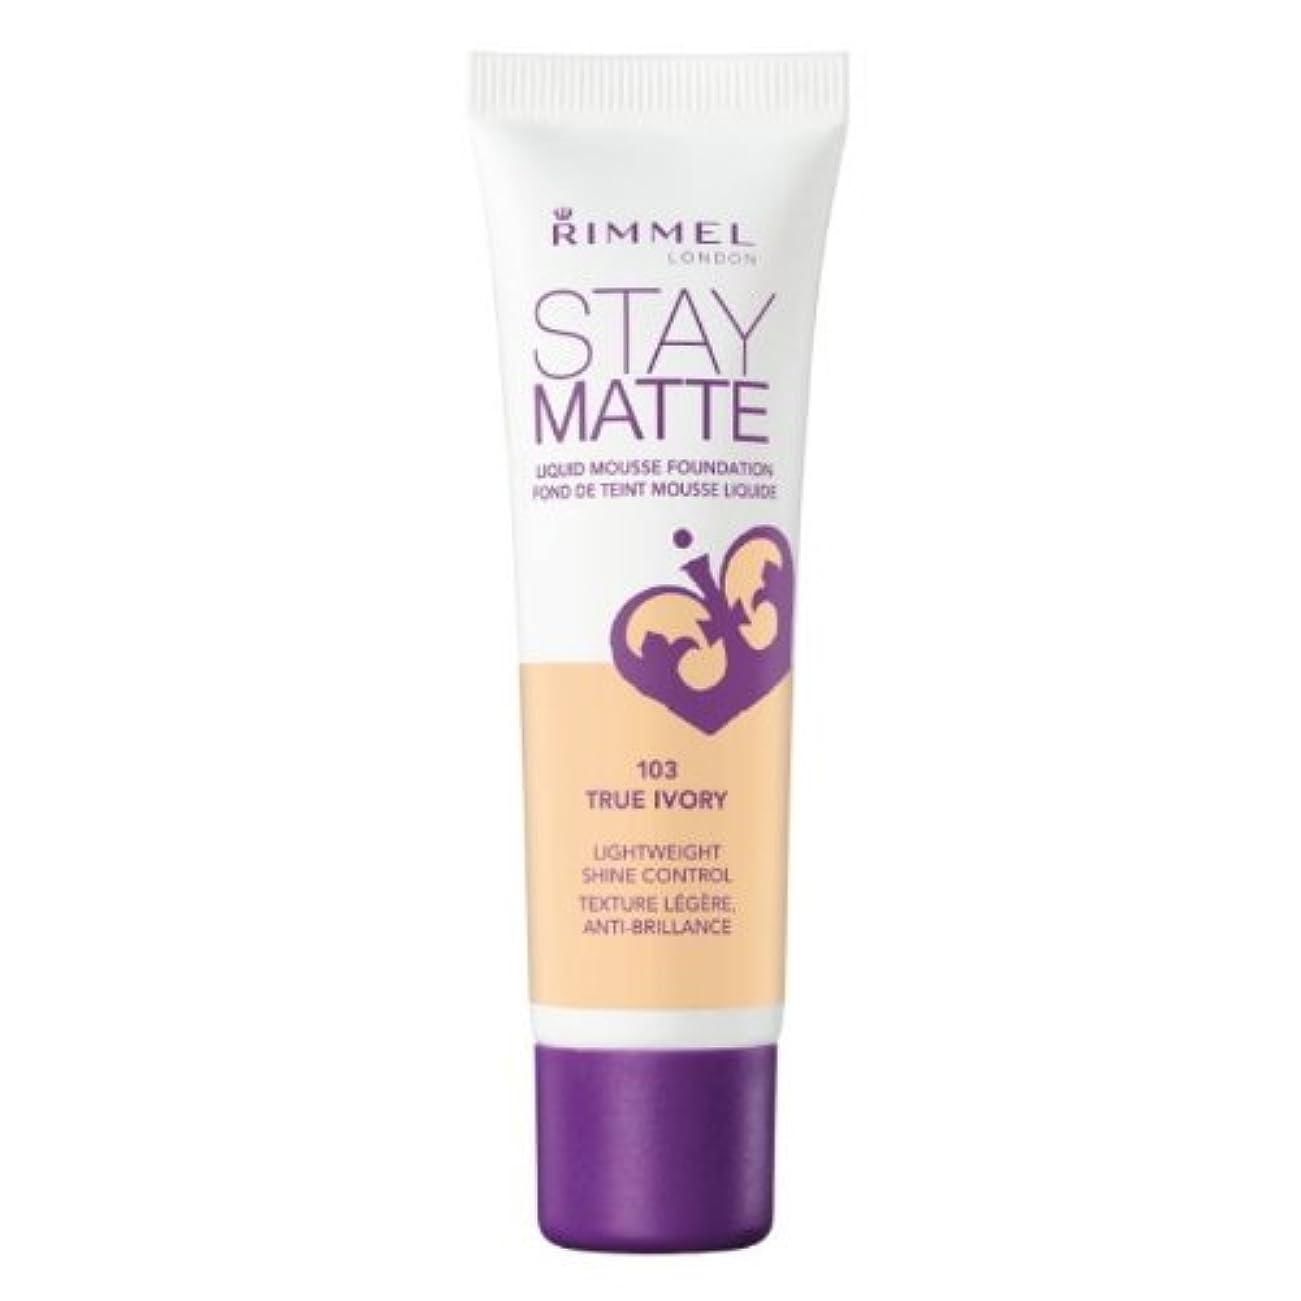 ハグスマッシュそばに(3 Pack) RIMMEL LONDON Stay Matte Liquid Mousse Foundation - True Ivory (並行輸入品)